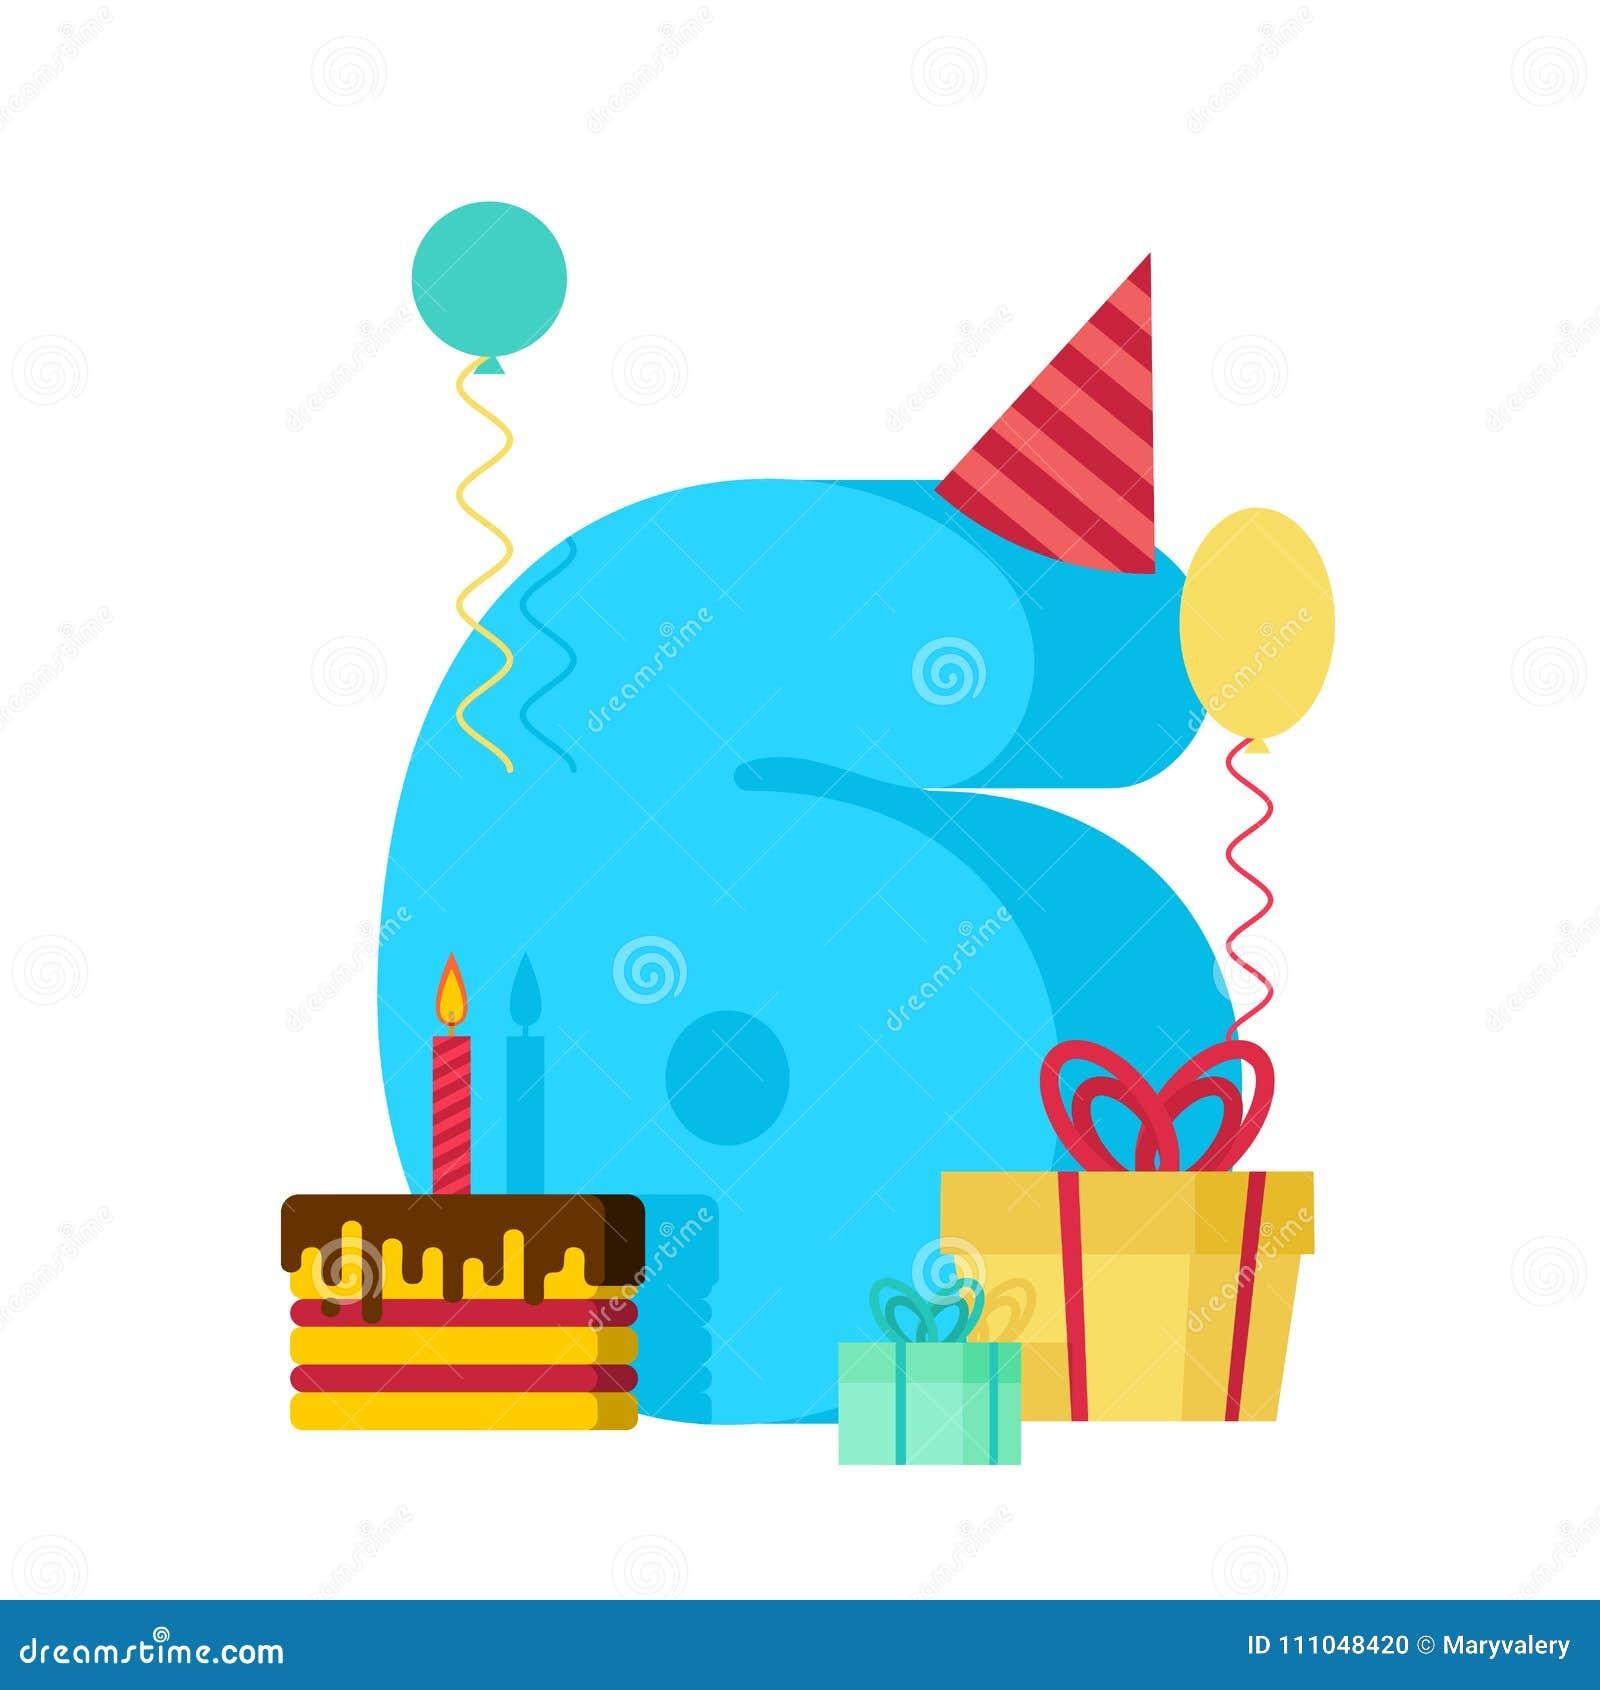 Auguri Buon Compleanno 6 Anni.Cartolina D Auguri Di Buon Compleanno Di 6 Anni Celebrazione